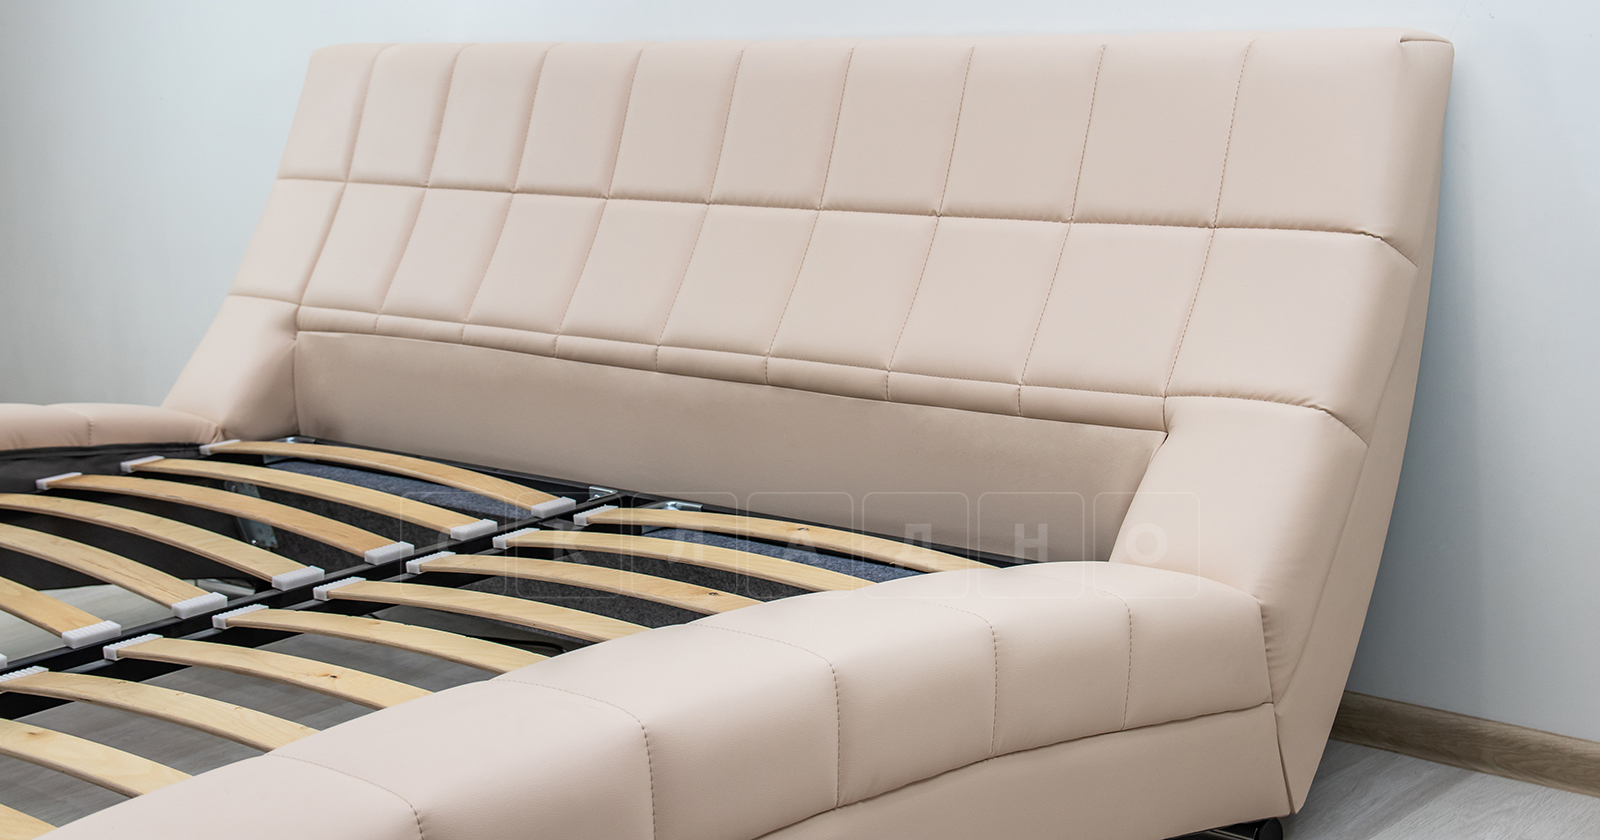 Мягкая кровать Оливия 160 см экокожа бежевый фото 5 | интернет-магазин Складно